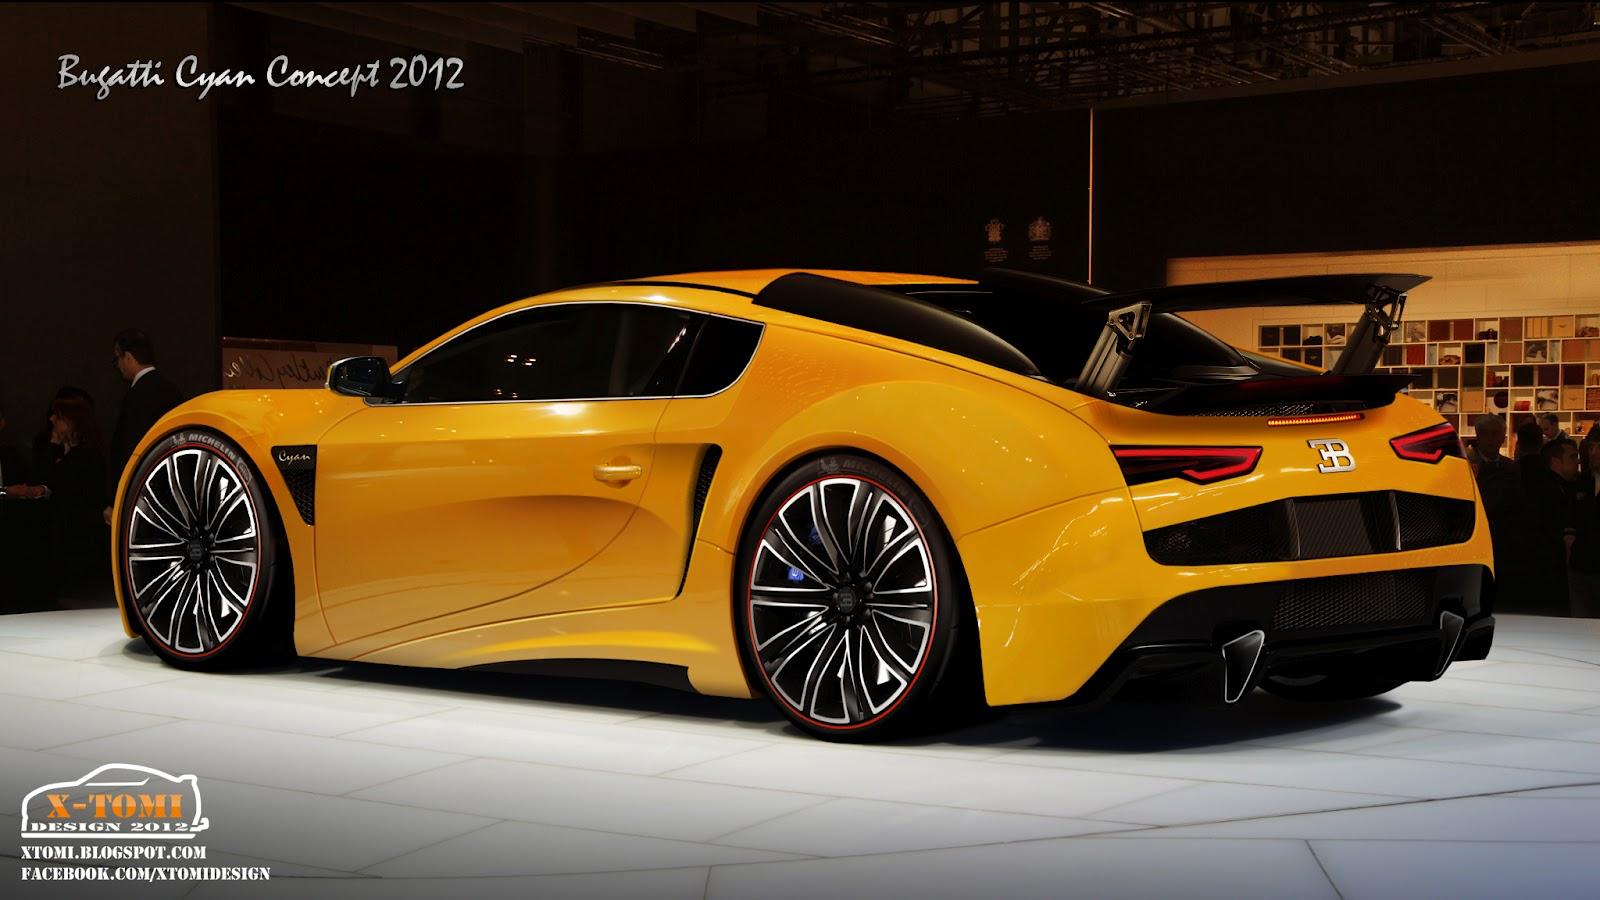 Lamborghini Aventador Cars Wallpapers X Tomi Design Bugatti Cyan Concept 2012